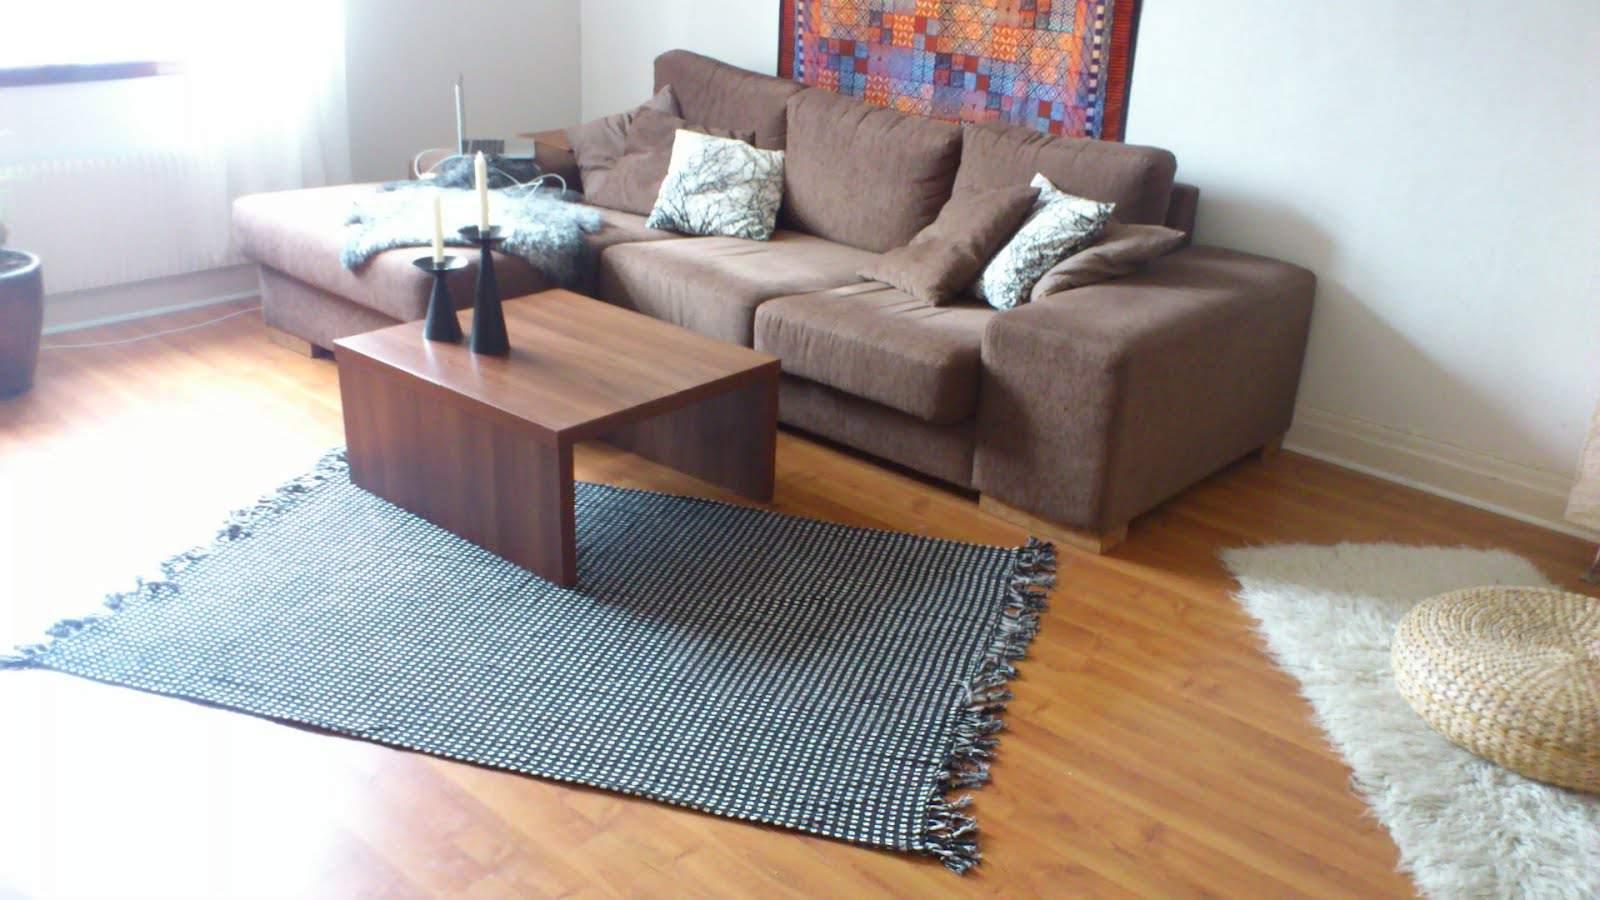 Diy Ways To Customize Your Rug Or Carpet